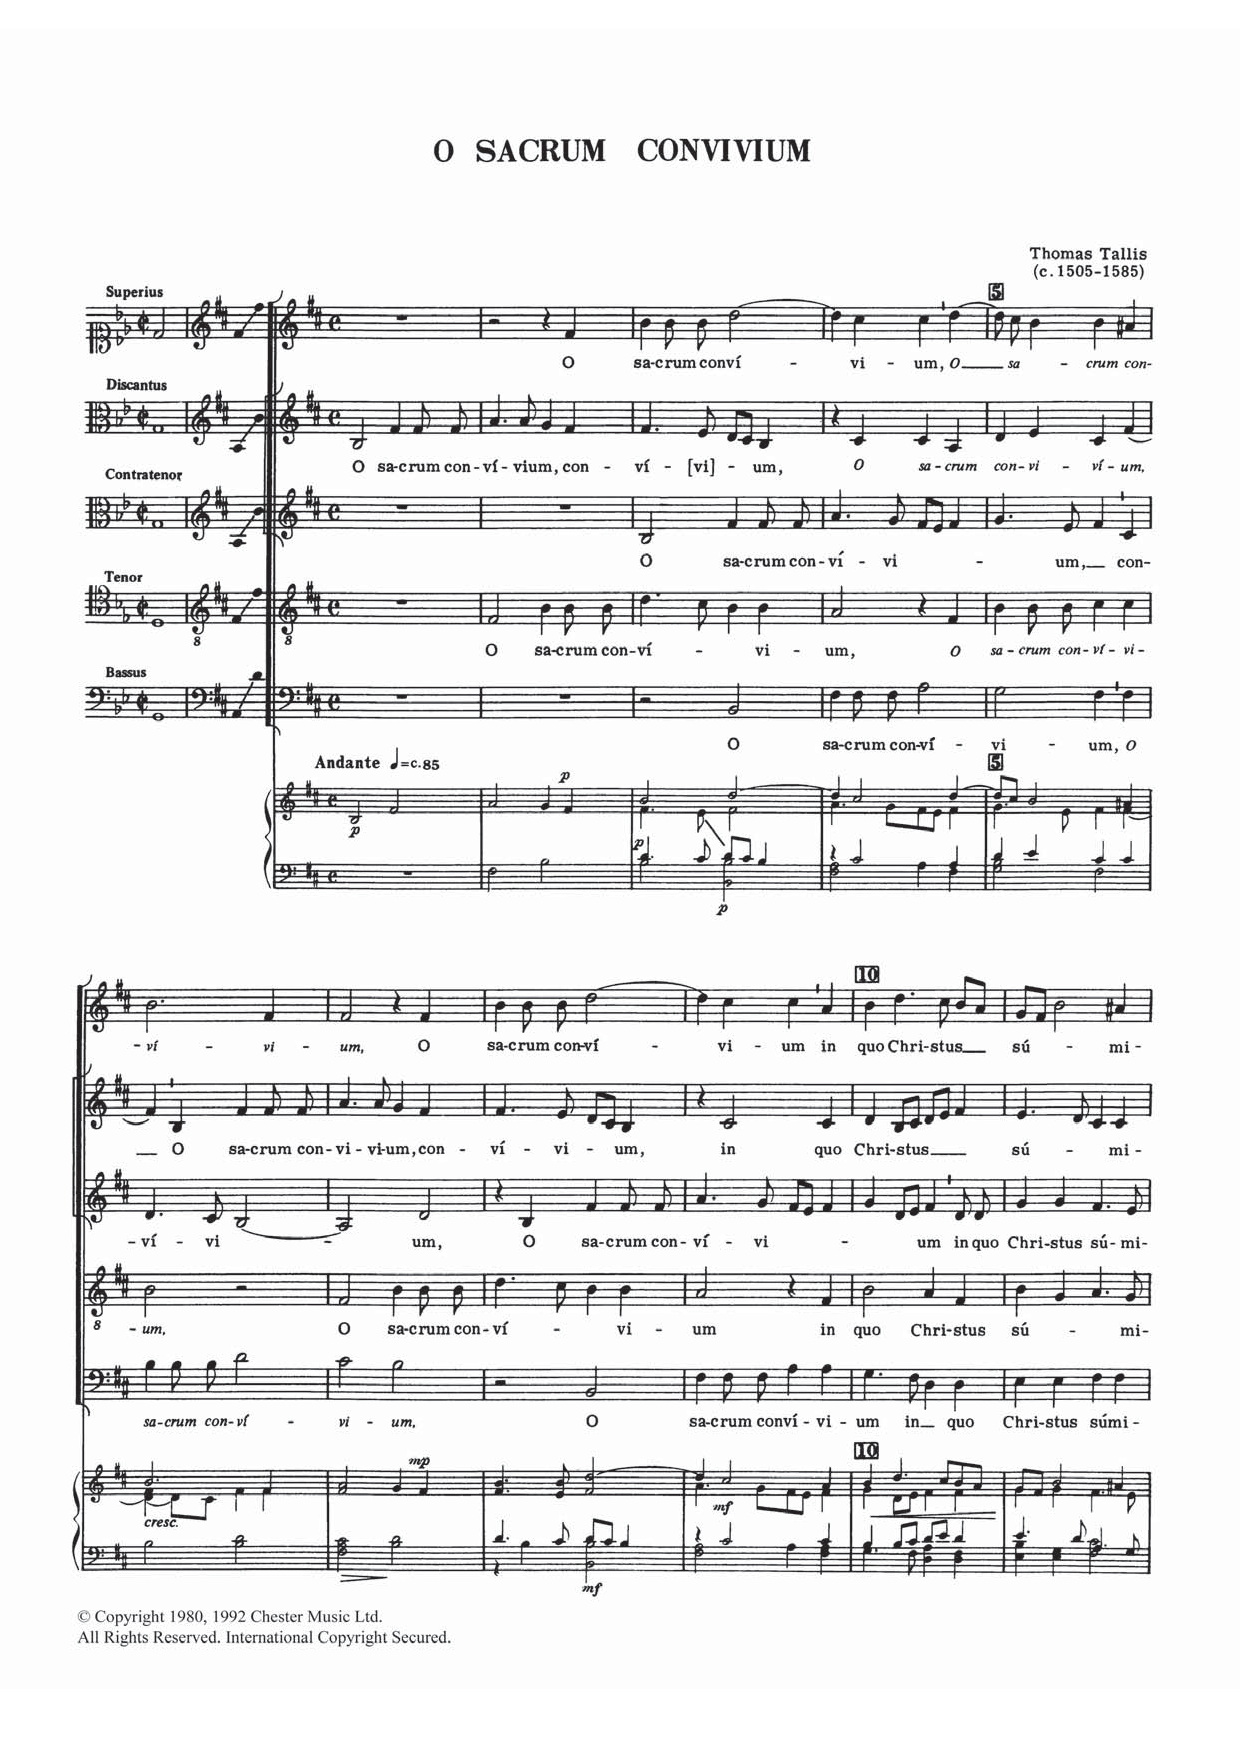 Thomas Tallis - O Sacrum Convivium